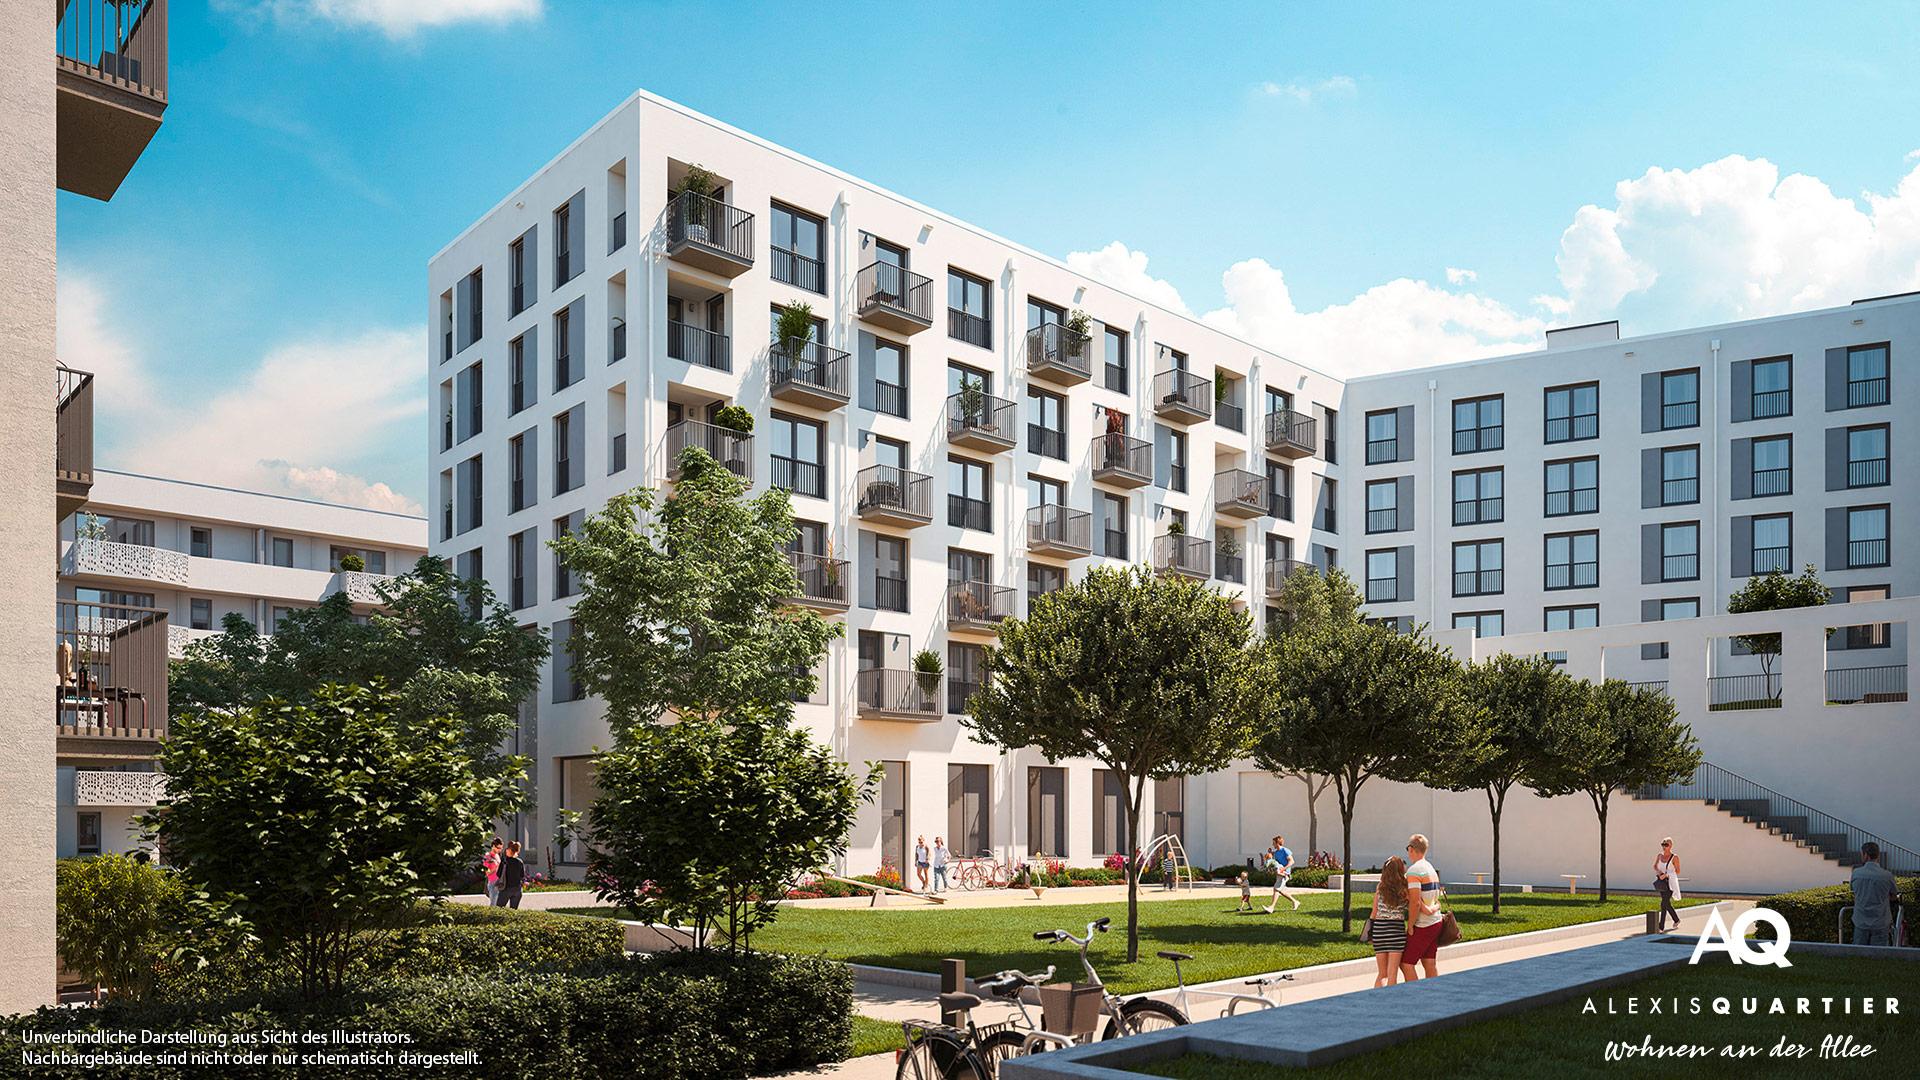 Immobilie Alexisquartier - Wohnen an der Allee - Illustration 3